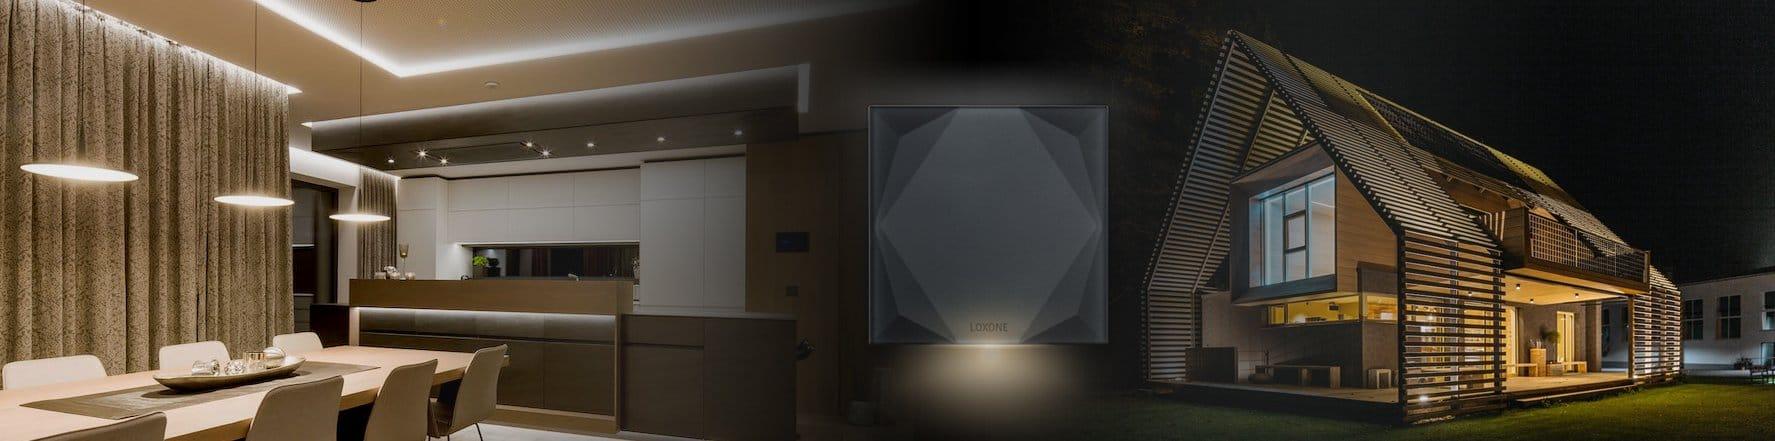 Evora CZ, s.r.o. | Inteligentní domácnost Loxone